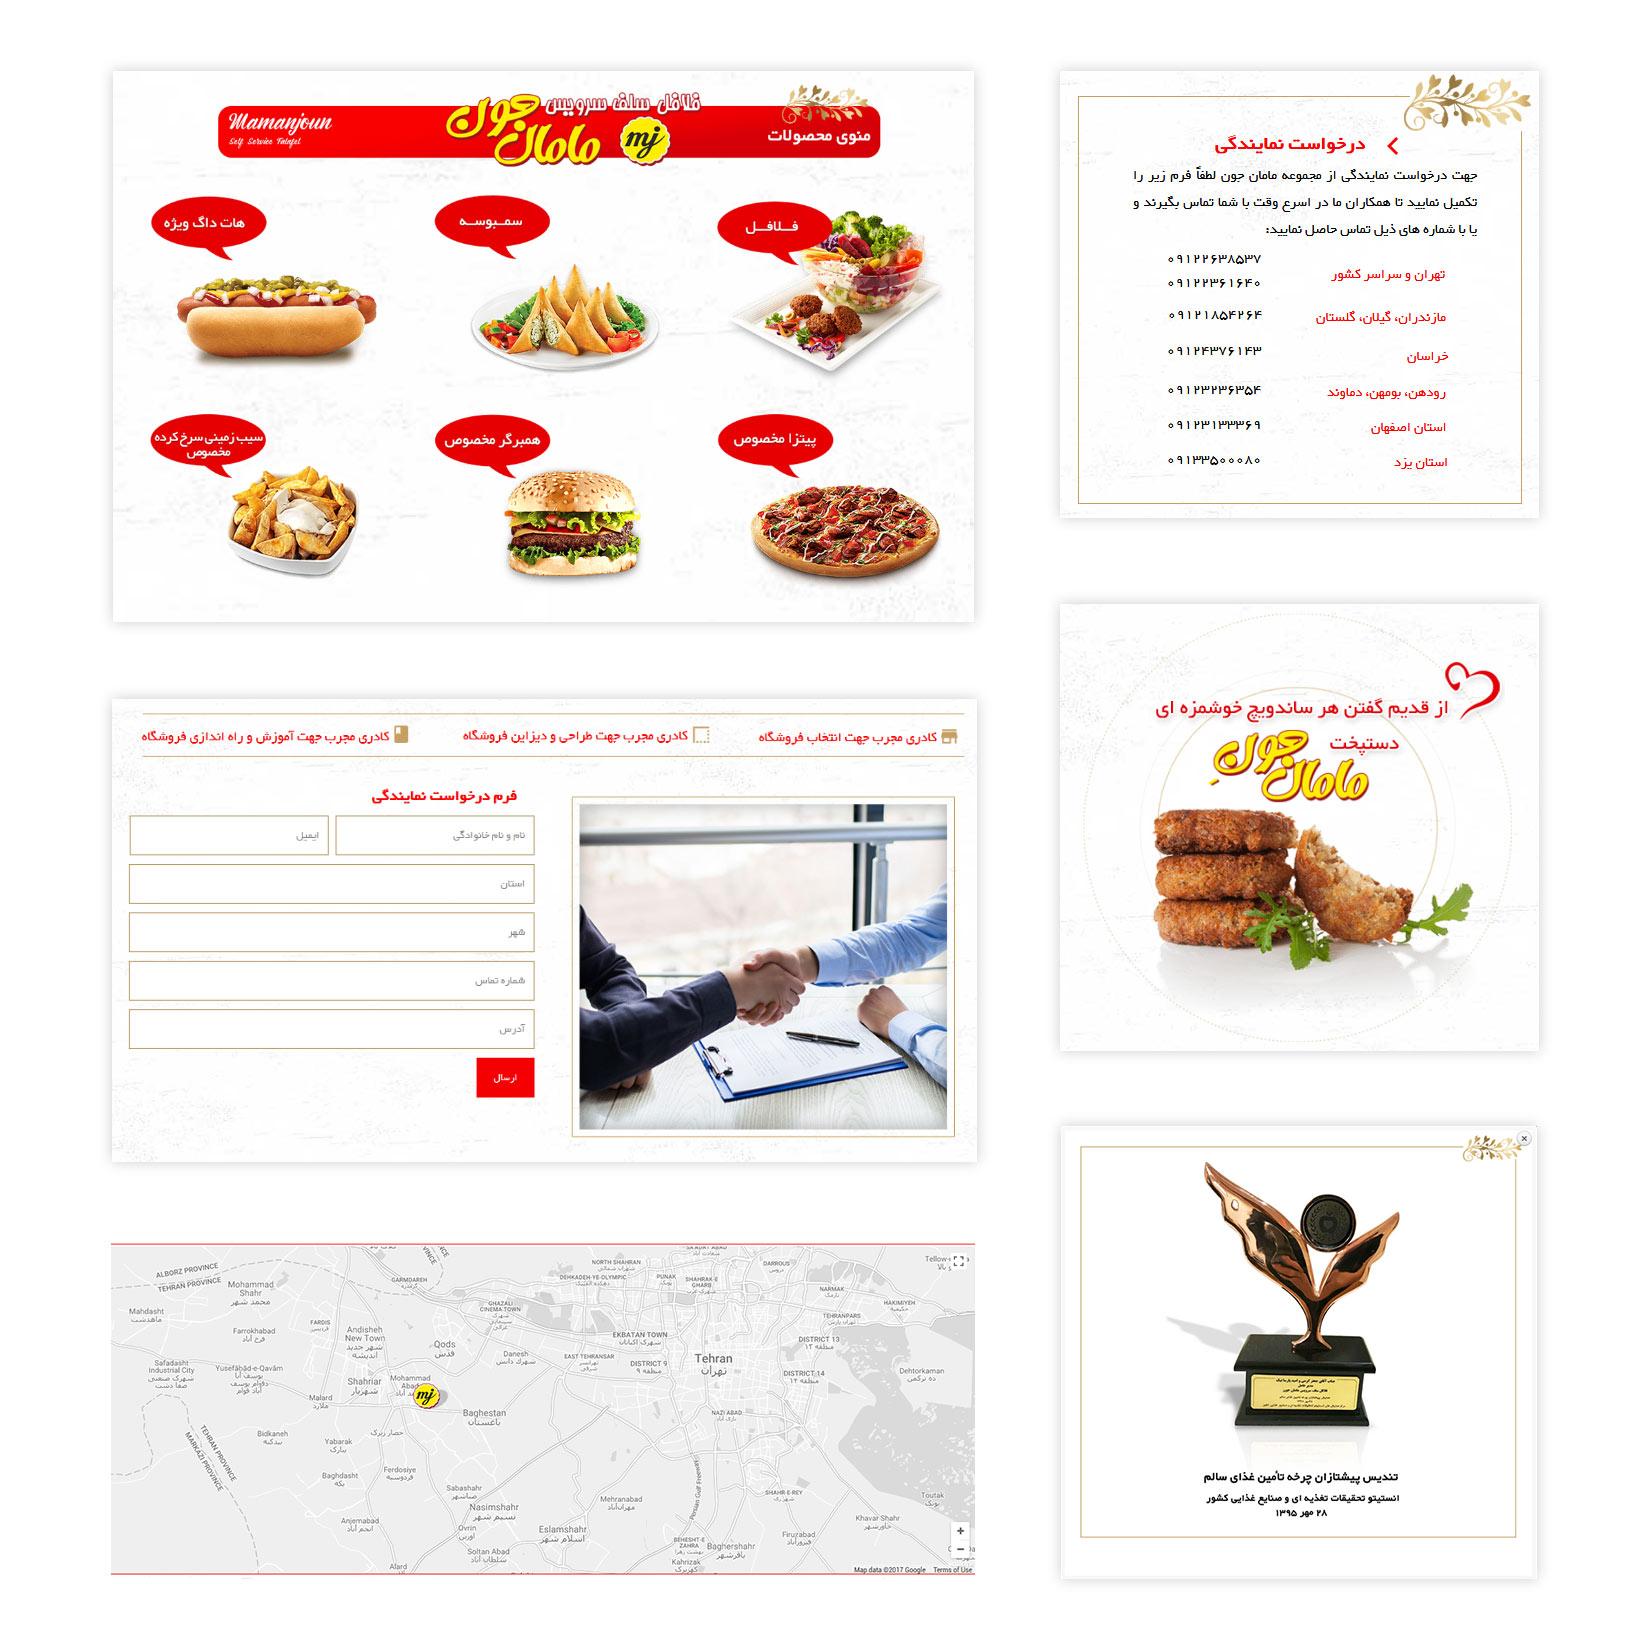 طراحی سایت فلافل سلف سرویس مامان جون - توسط شرکت طراحی سایت کی نگار